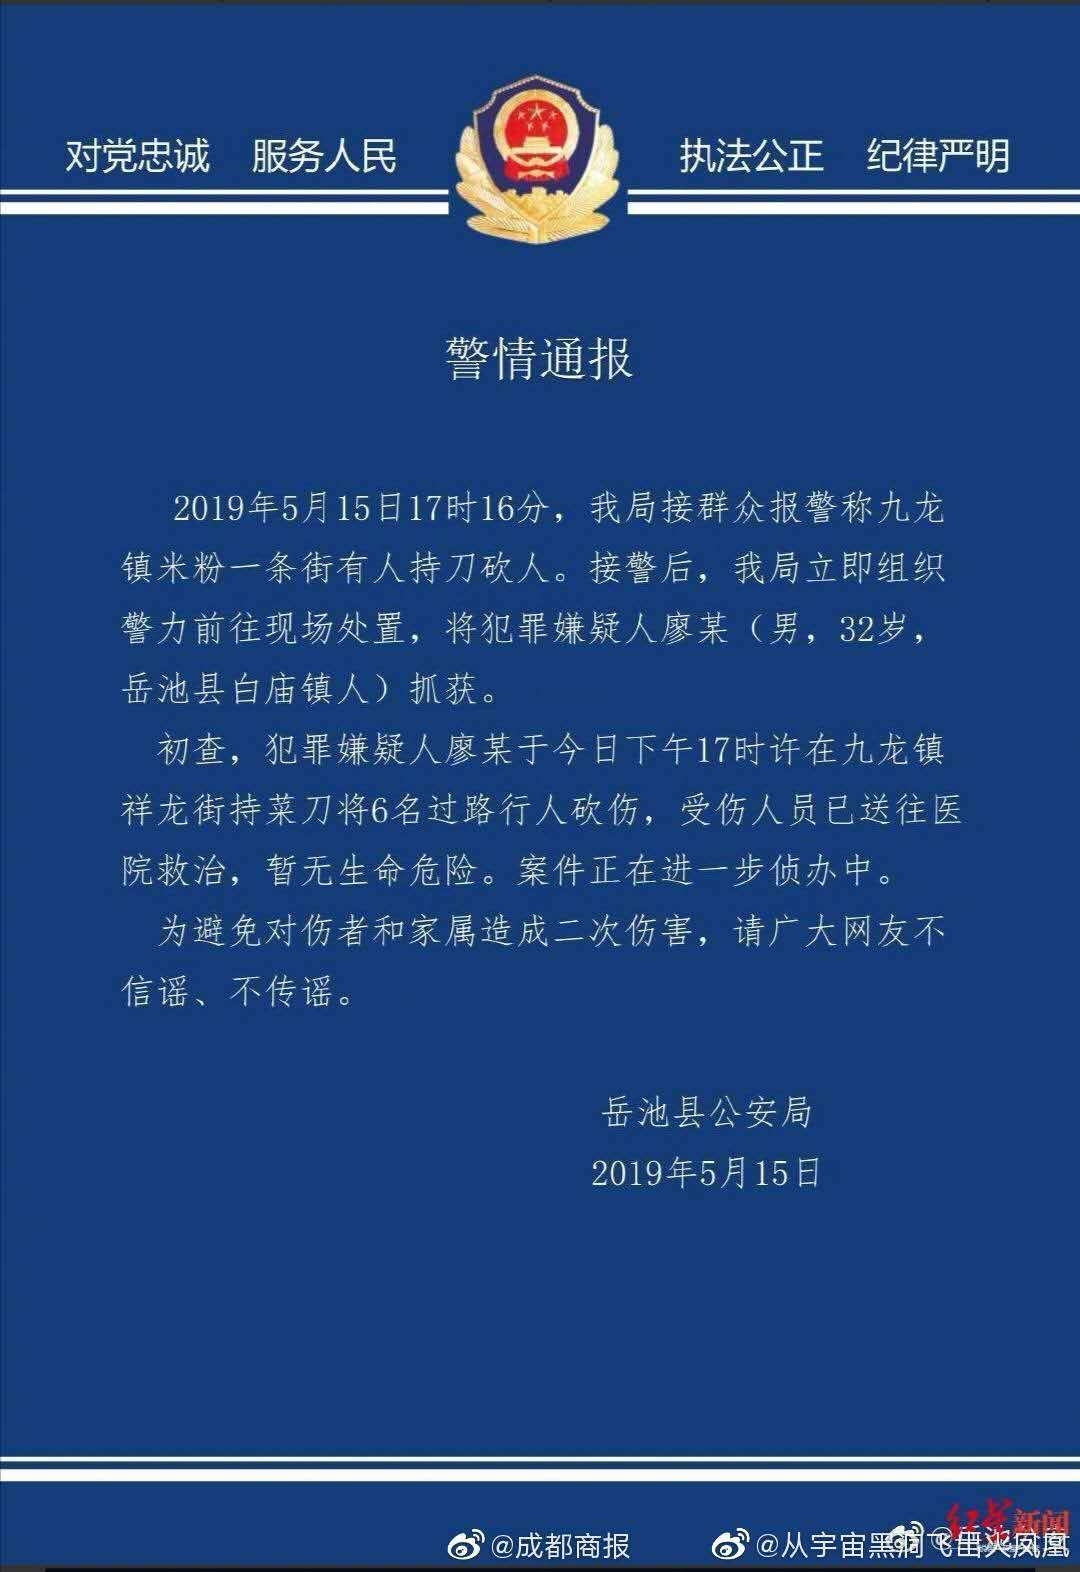 广安一男子砍伤6名路人 伤者暂无生命危险